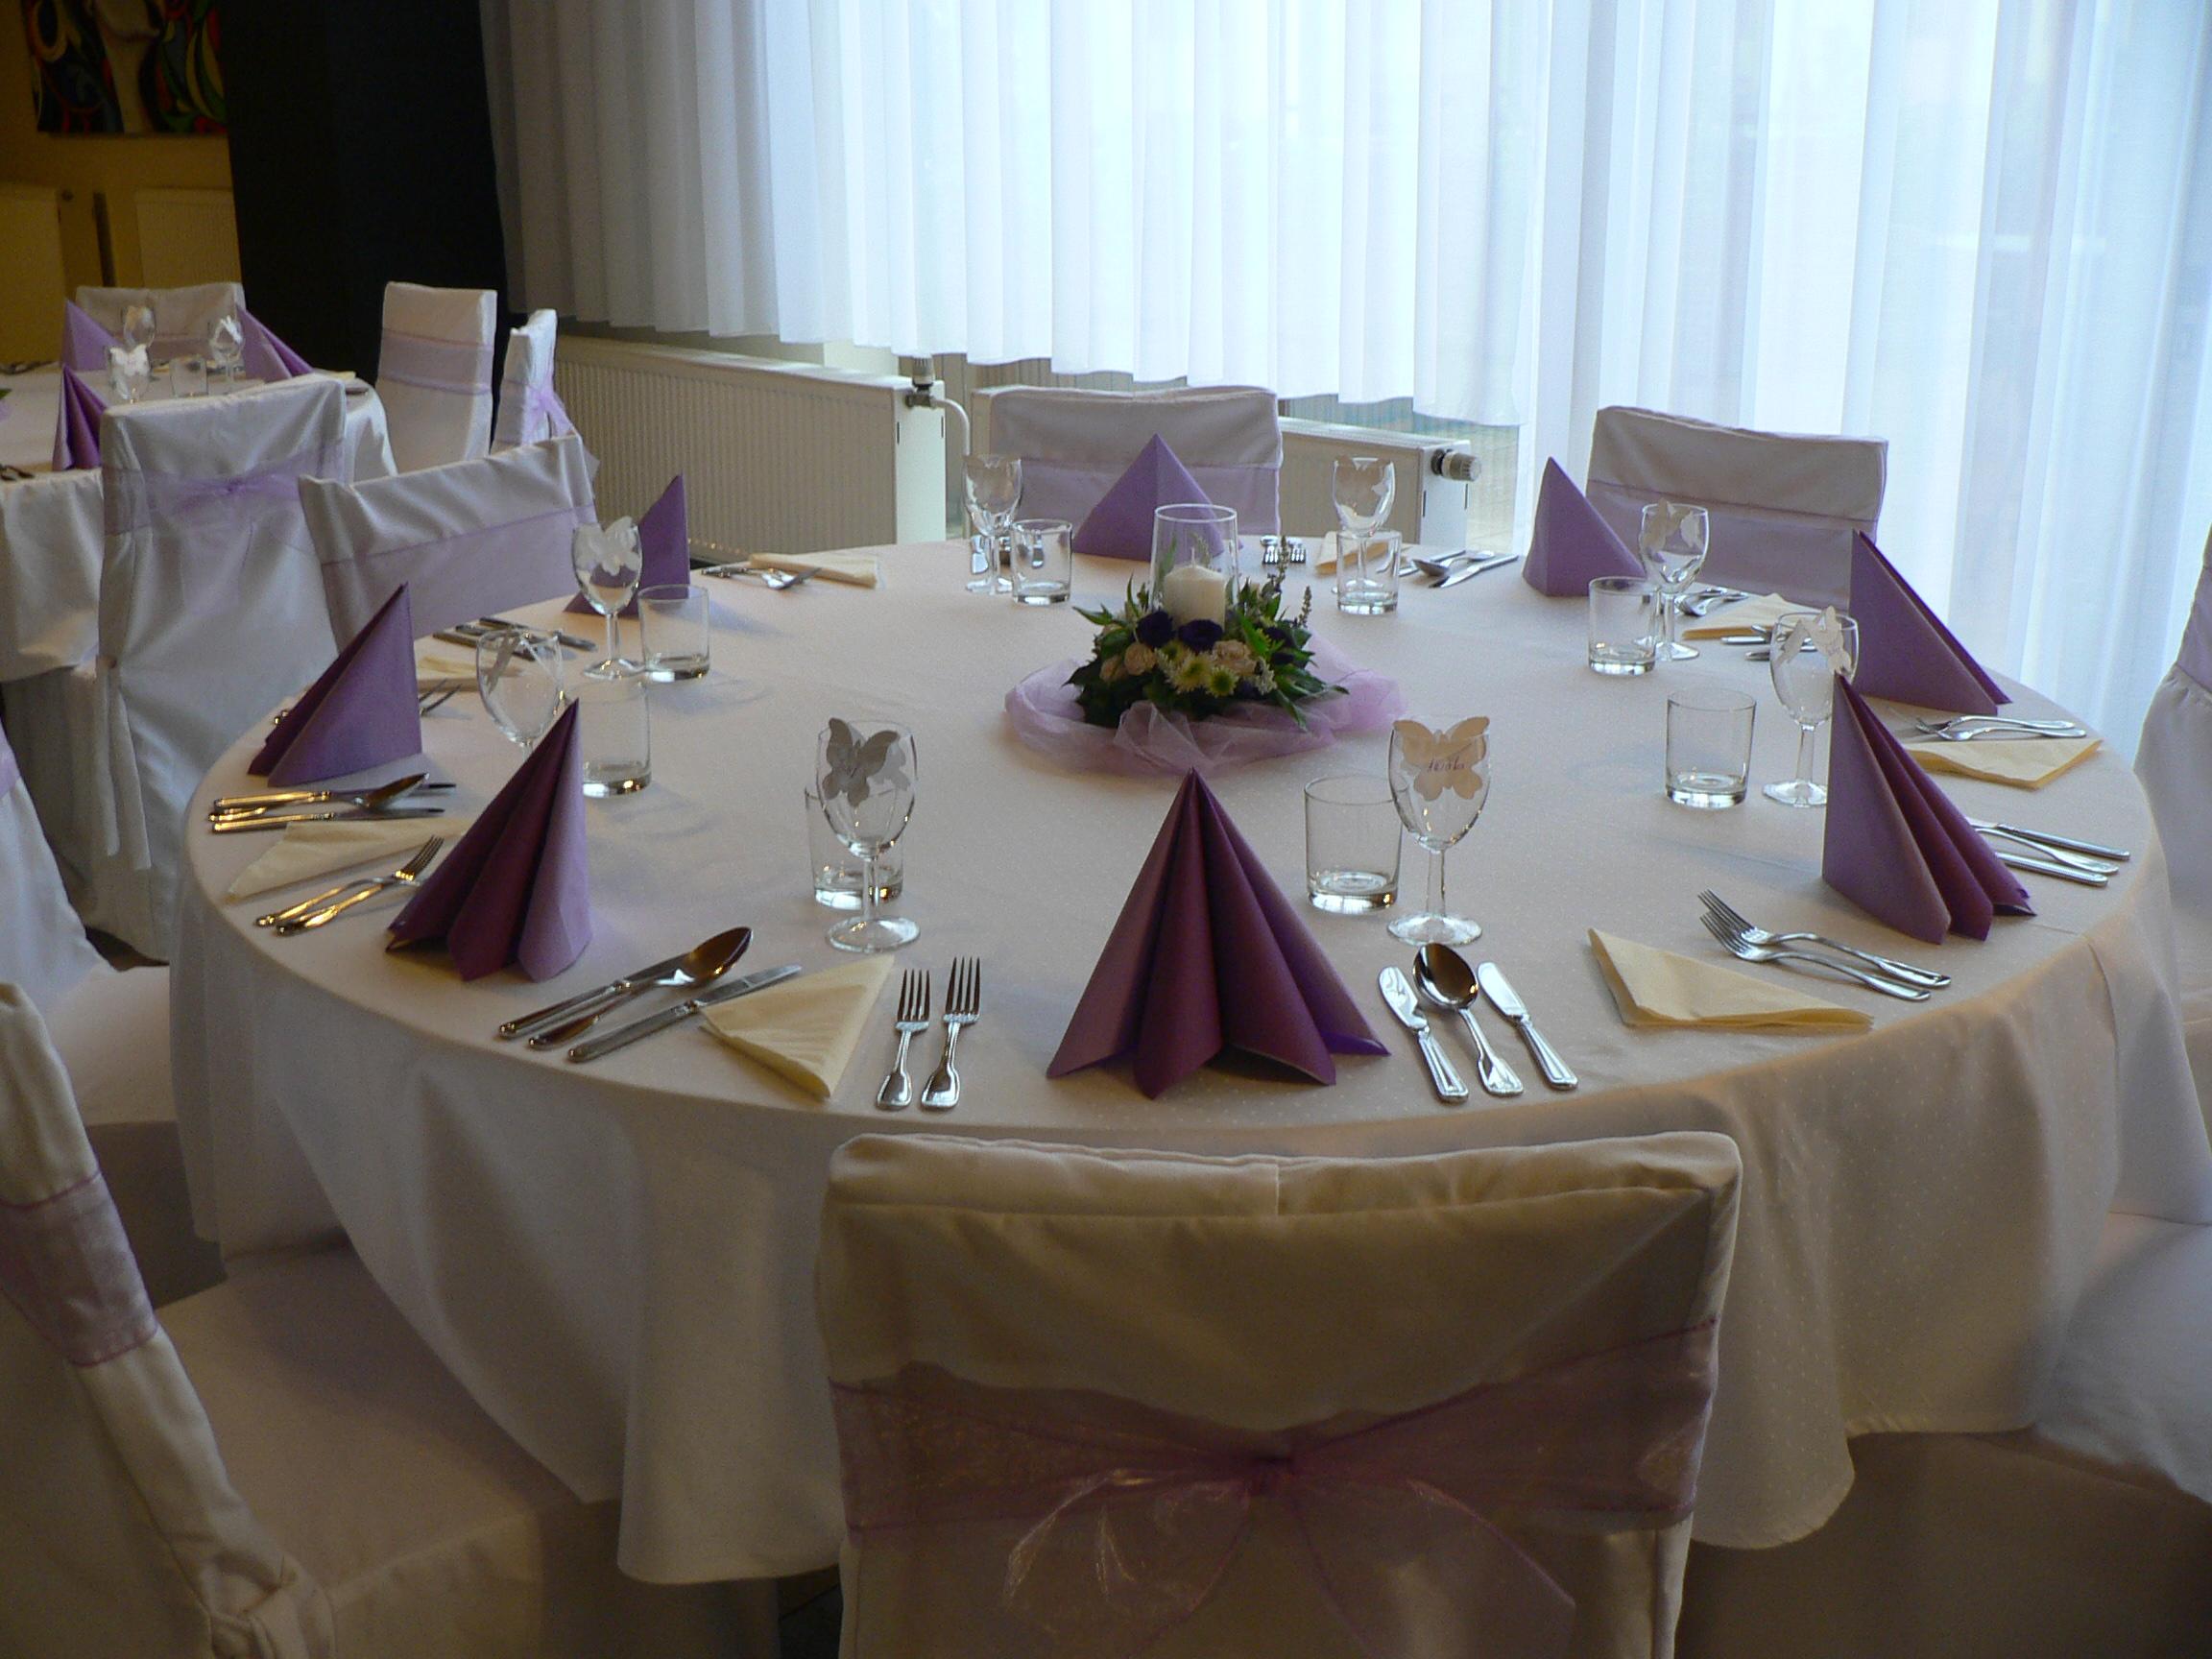 výzdoba svatebního stolu v odstínu světlá fialová